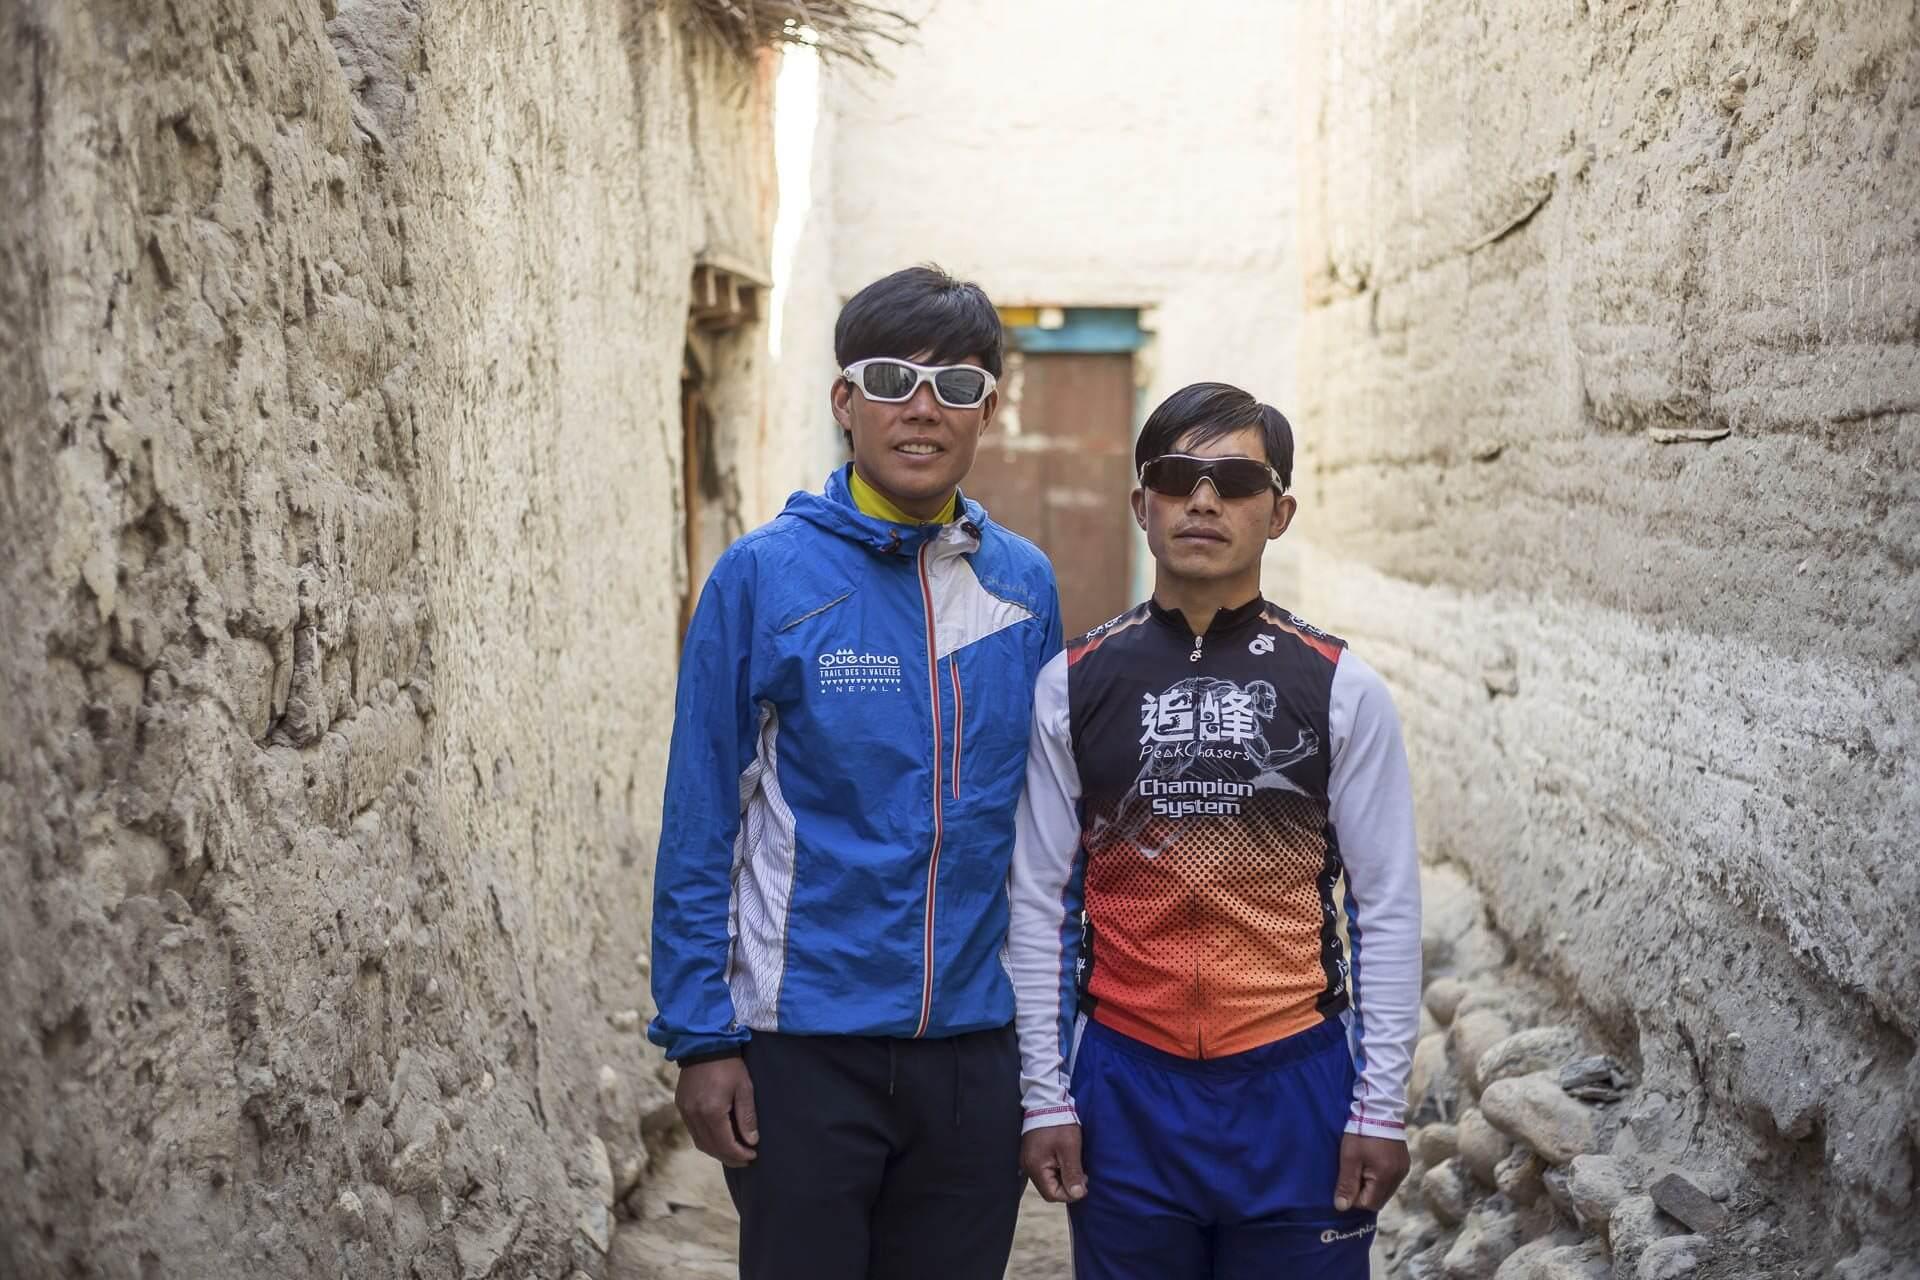 Suman Kulung and Kiran Kulung at the Mustang Trail Race